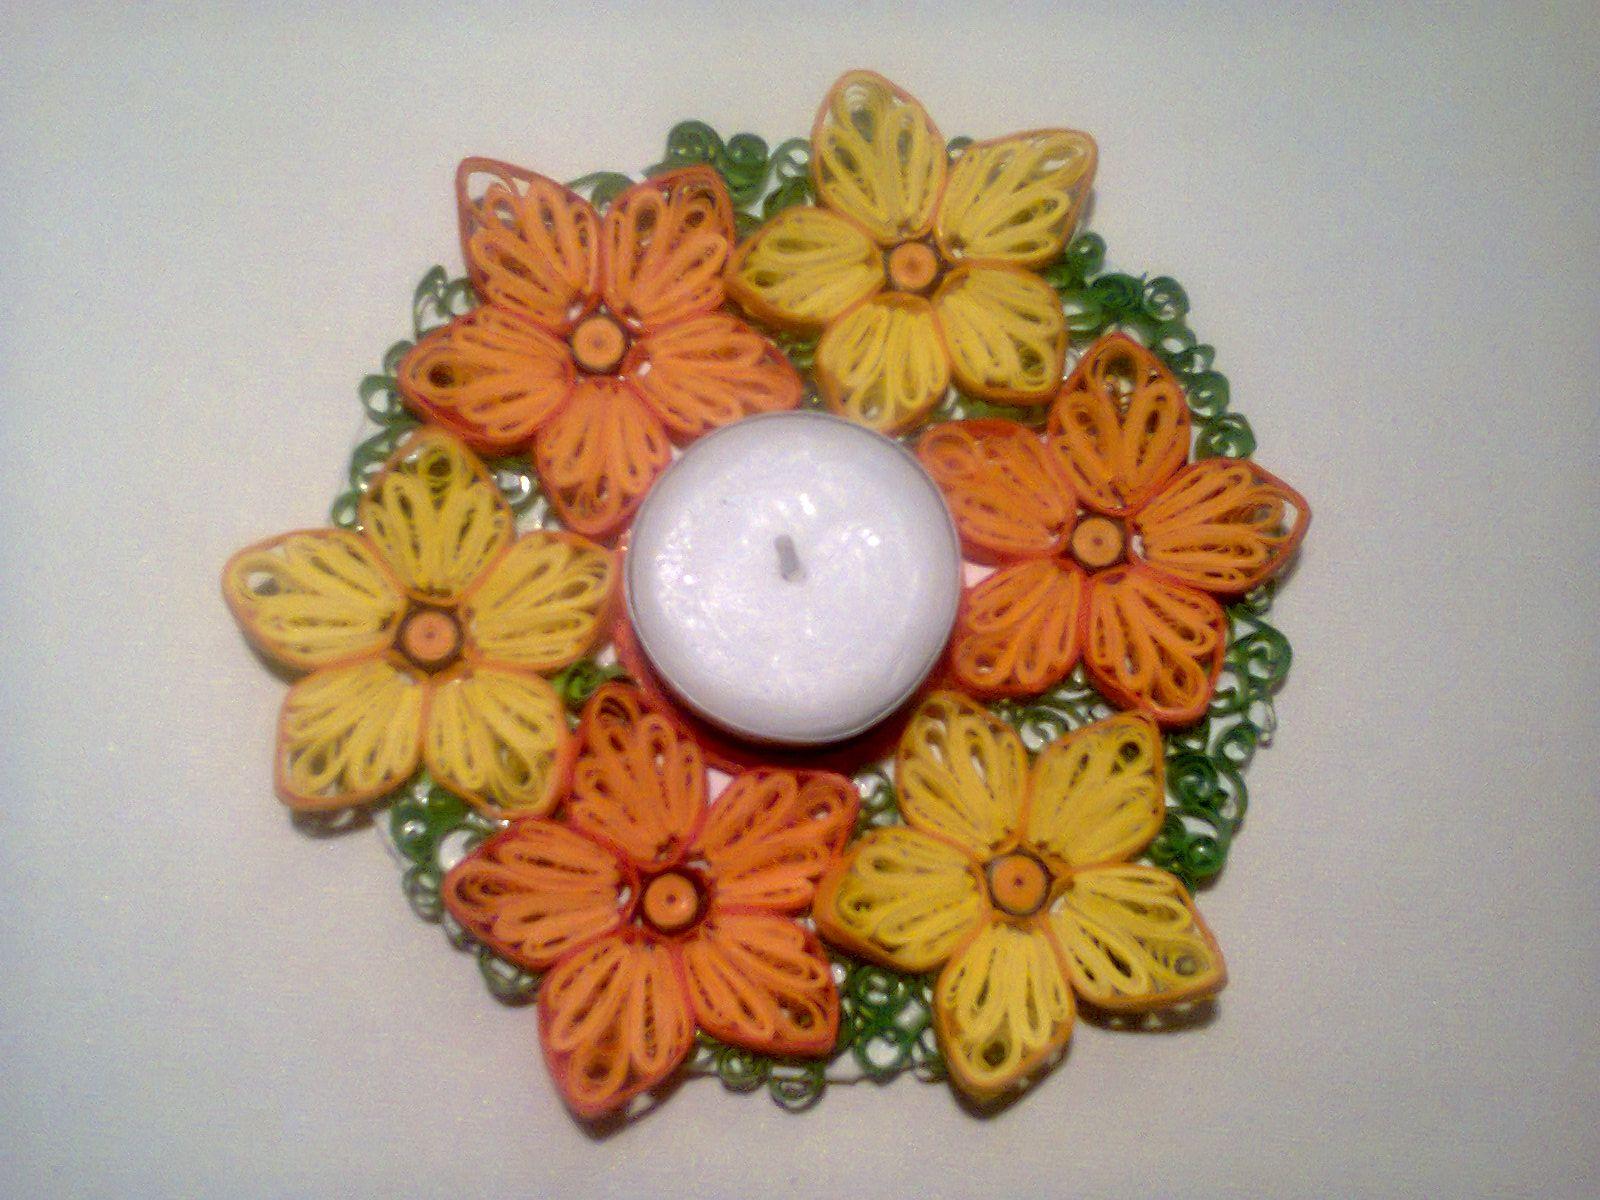 Koszyki Z Wikliny Papierowej Ozdabiane Roznymi Metodami Quilling Decupage Kwiaty Z Bibuly Czy Krepy Quilling Candle Holder Quilling Flowers Paper Quilling